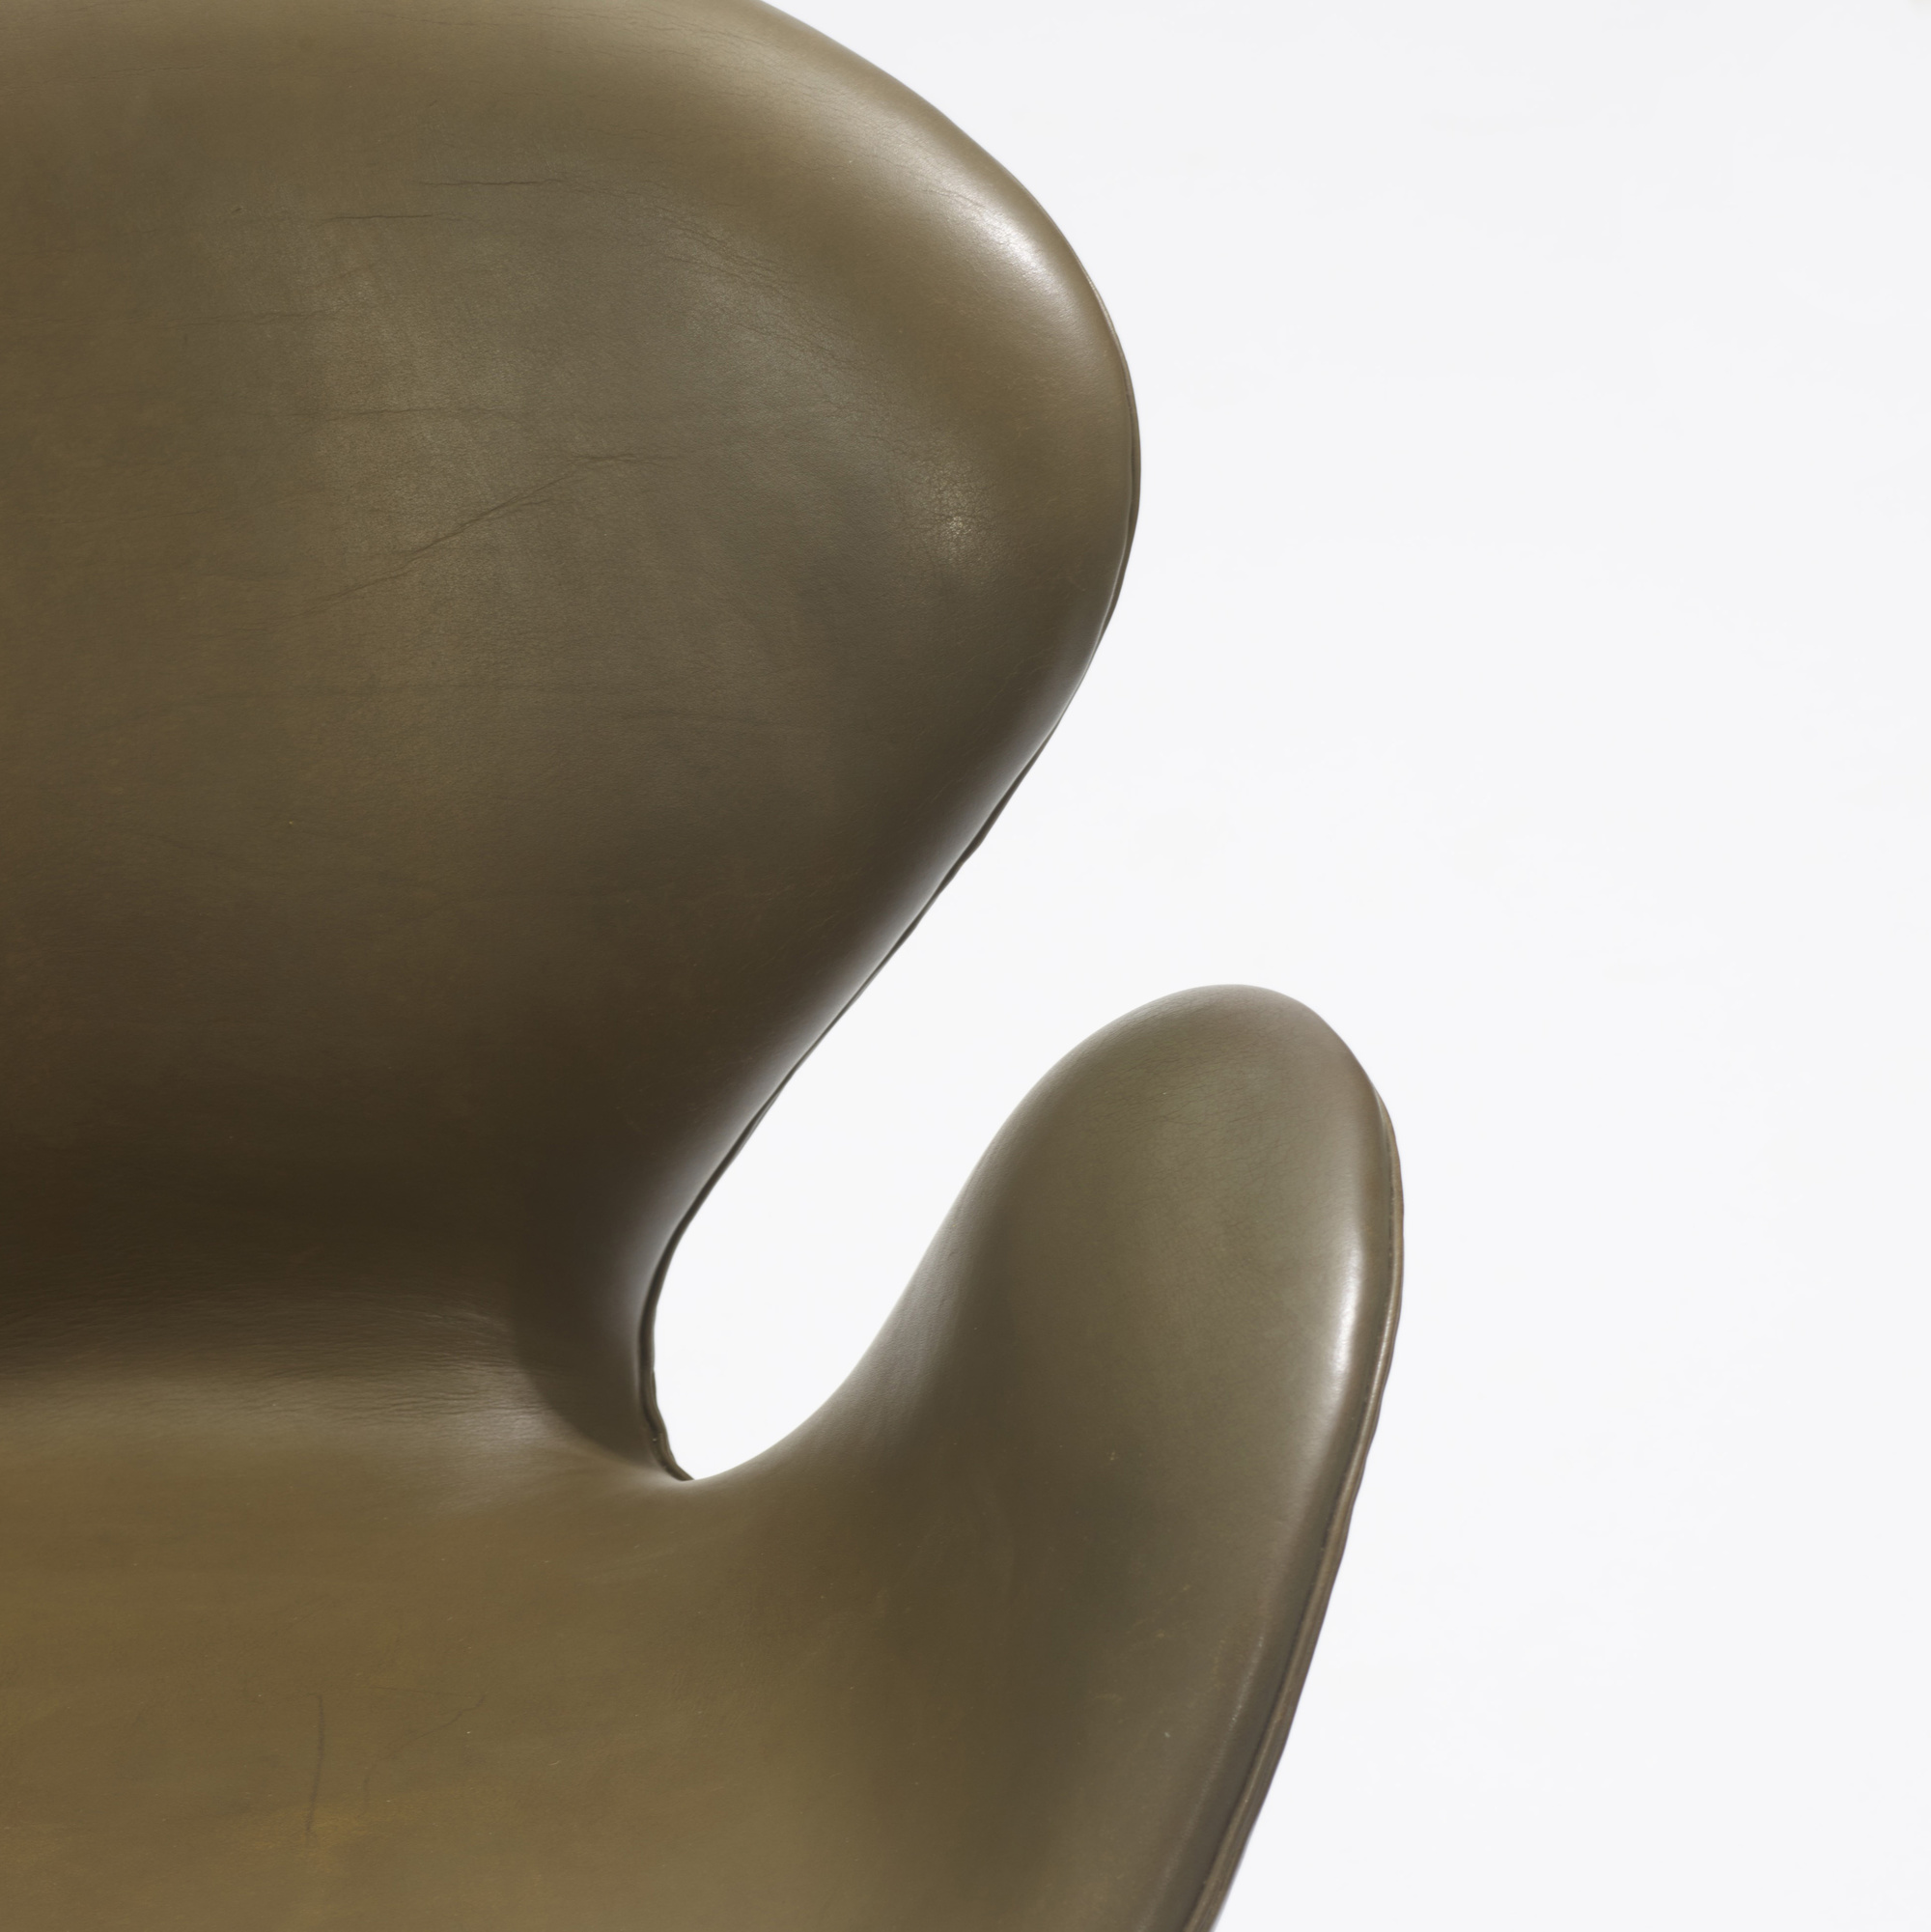 182: Arne Jacobsen / Swan chairs, pair (3 of 3)